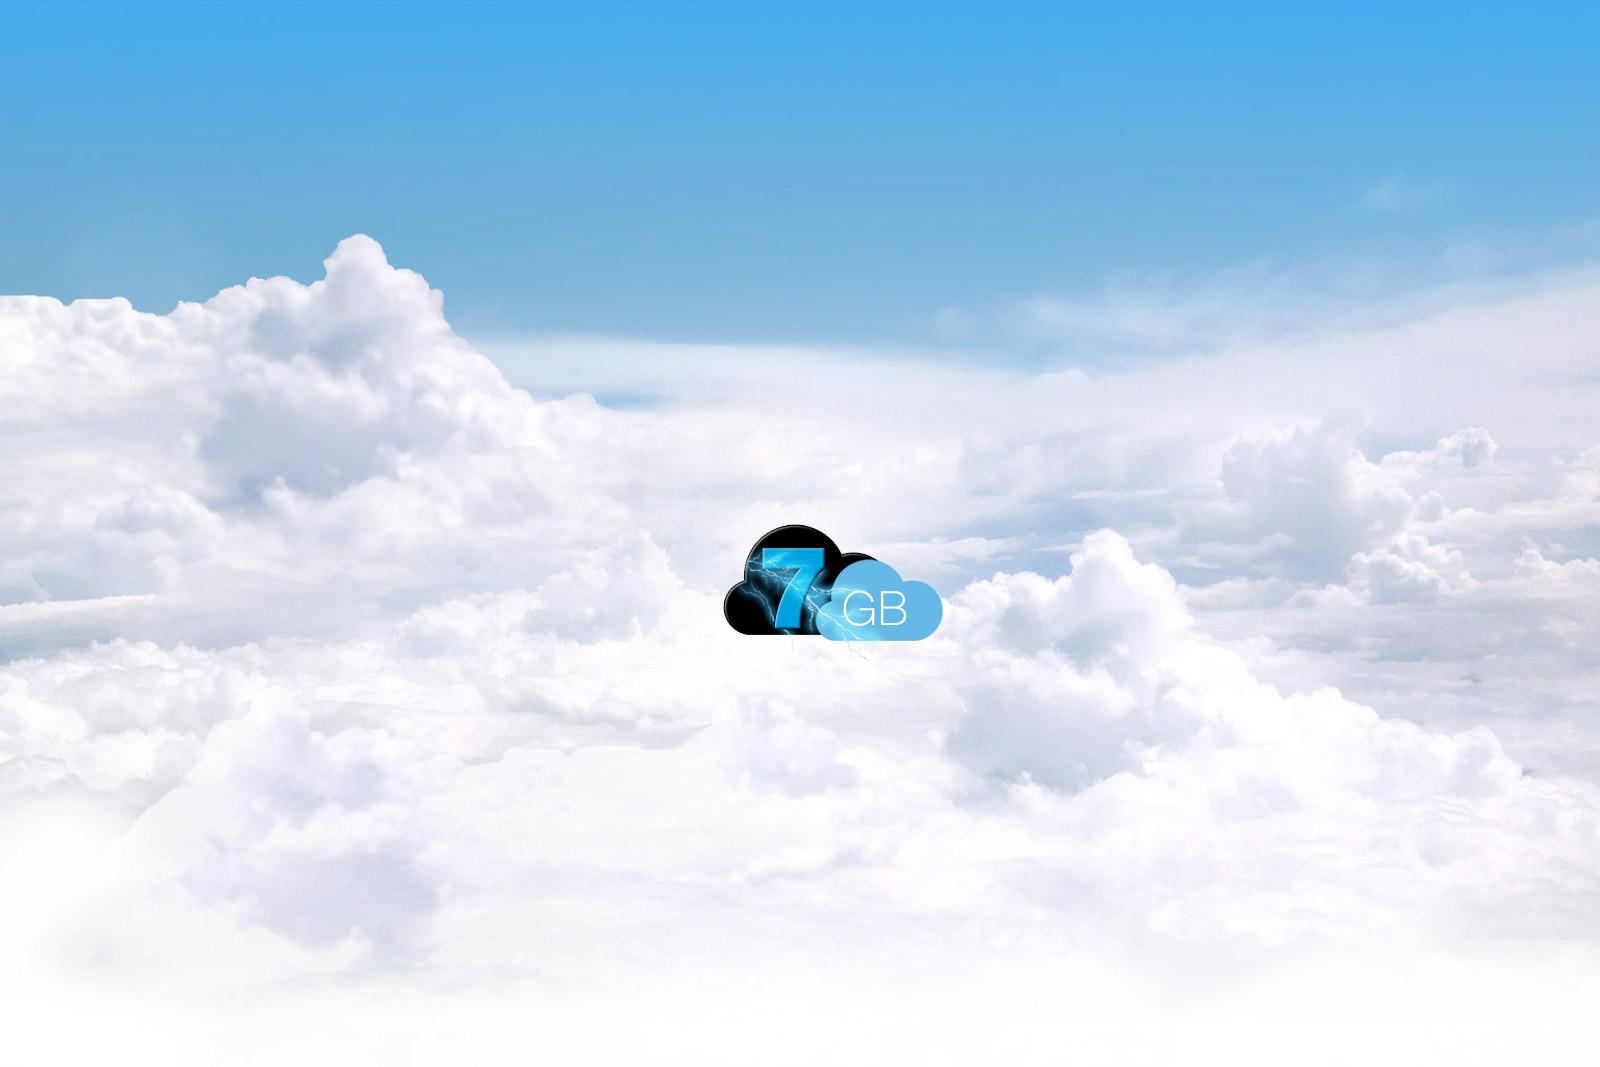 transfer plików, chmura plików, wysyłanie dużych plików, transfer plikow, wysyłanie dużych plików na maila, transfer plików przez internet, dysk w chmurze